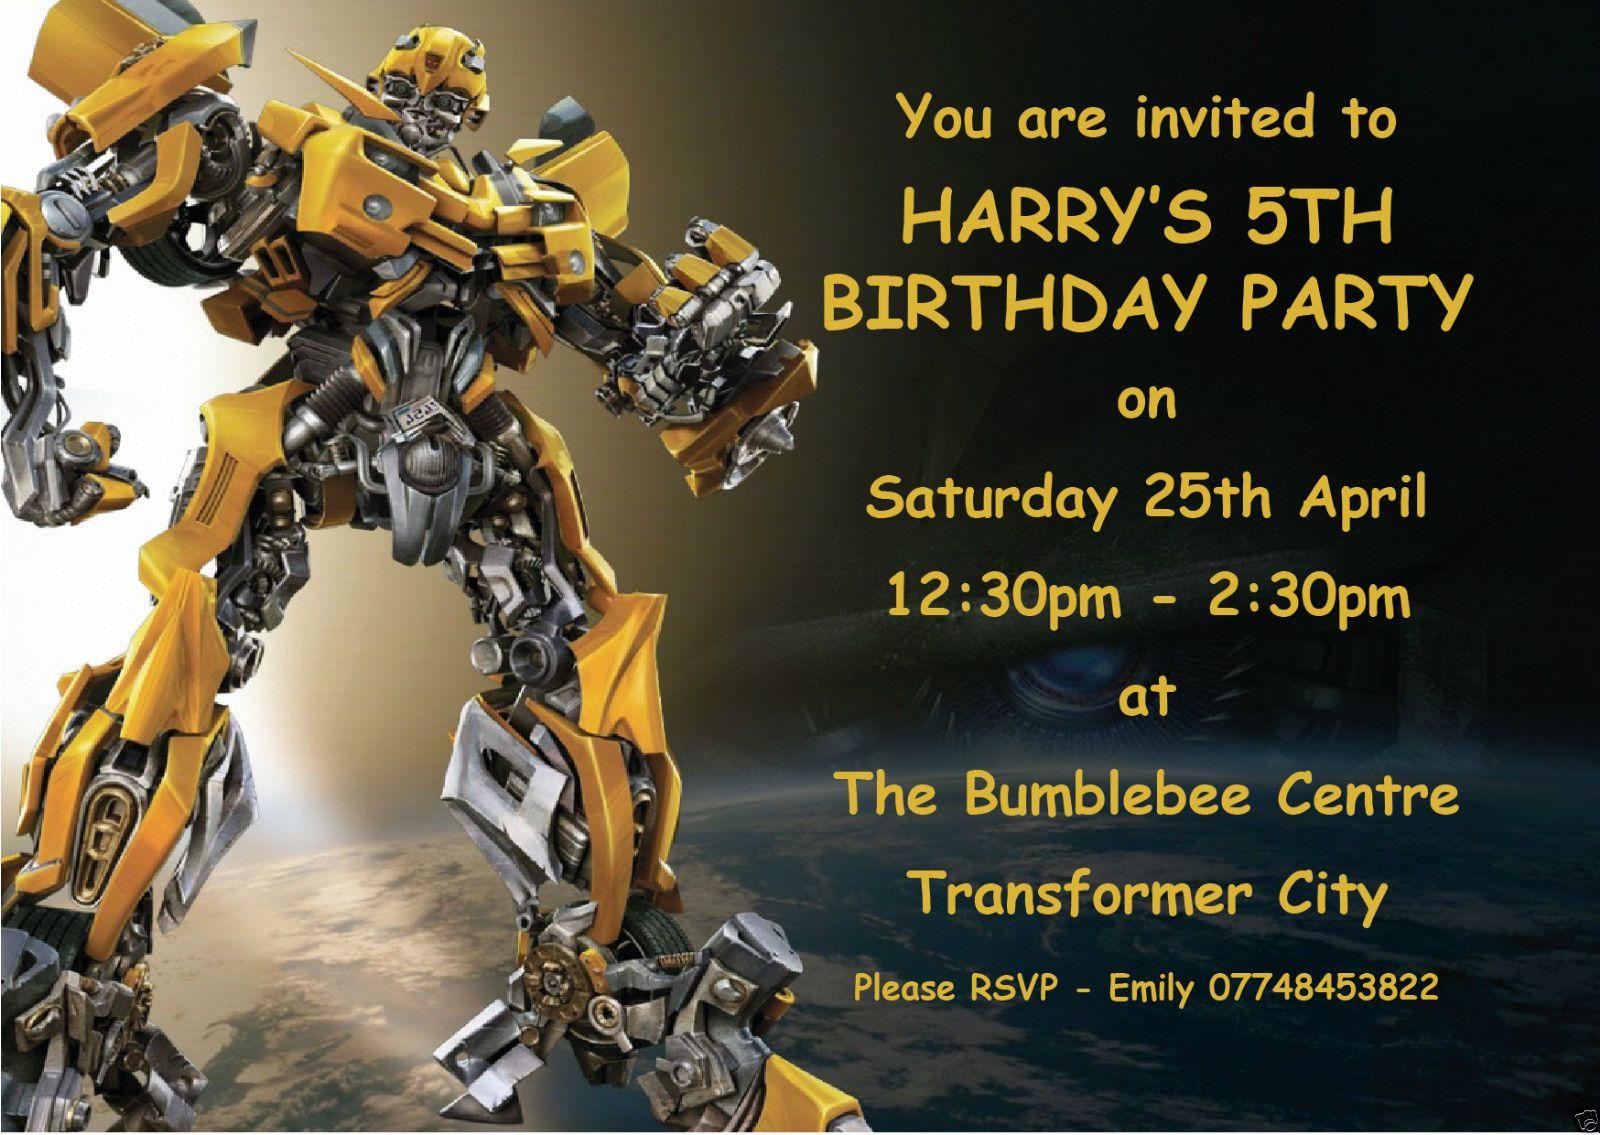 Приглашение на день рождения трансформеры шаблоны, лица